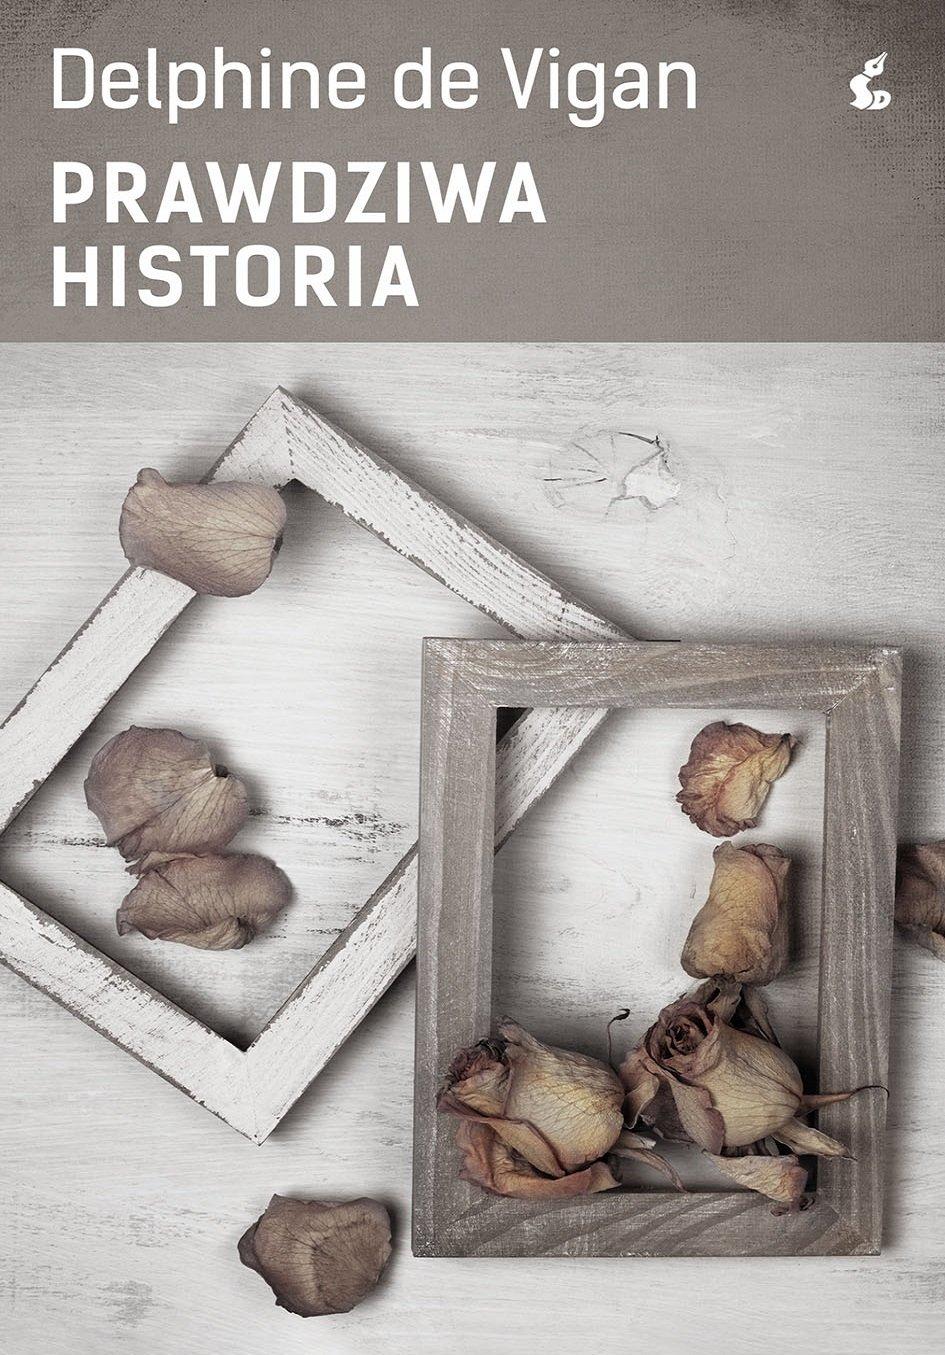 Prawdziwa historia - Ebook (Książka EPUB) do pobrania w formacie EPUB